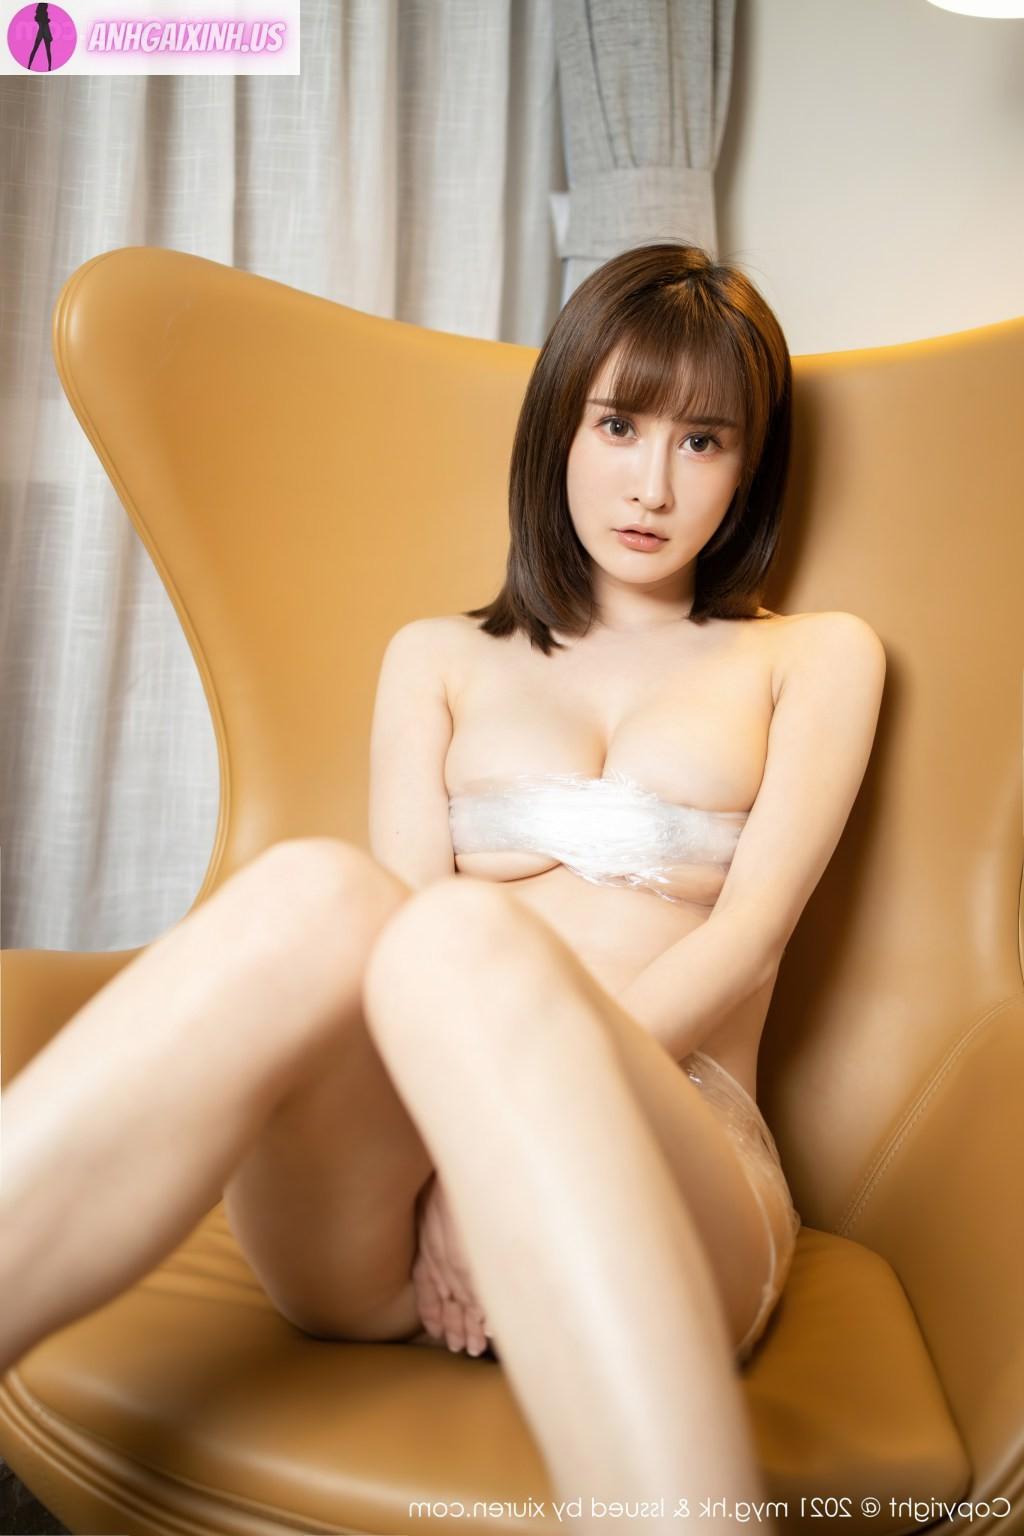 ảnh gái sexy nóng bỏng gợi cảm